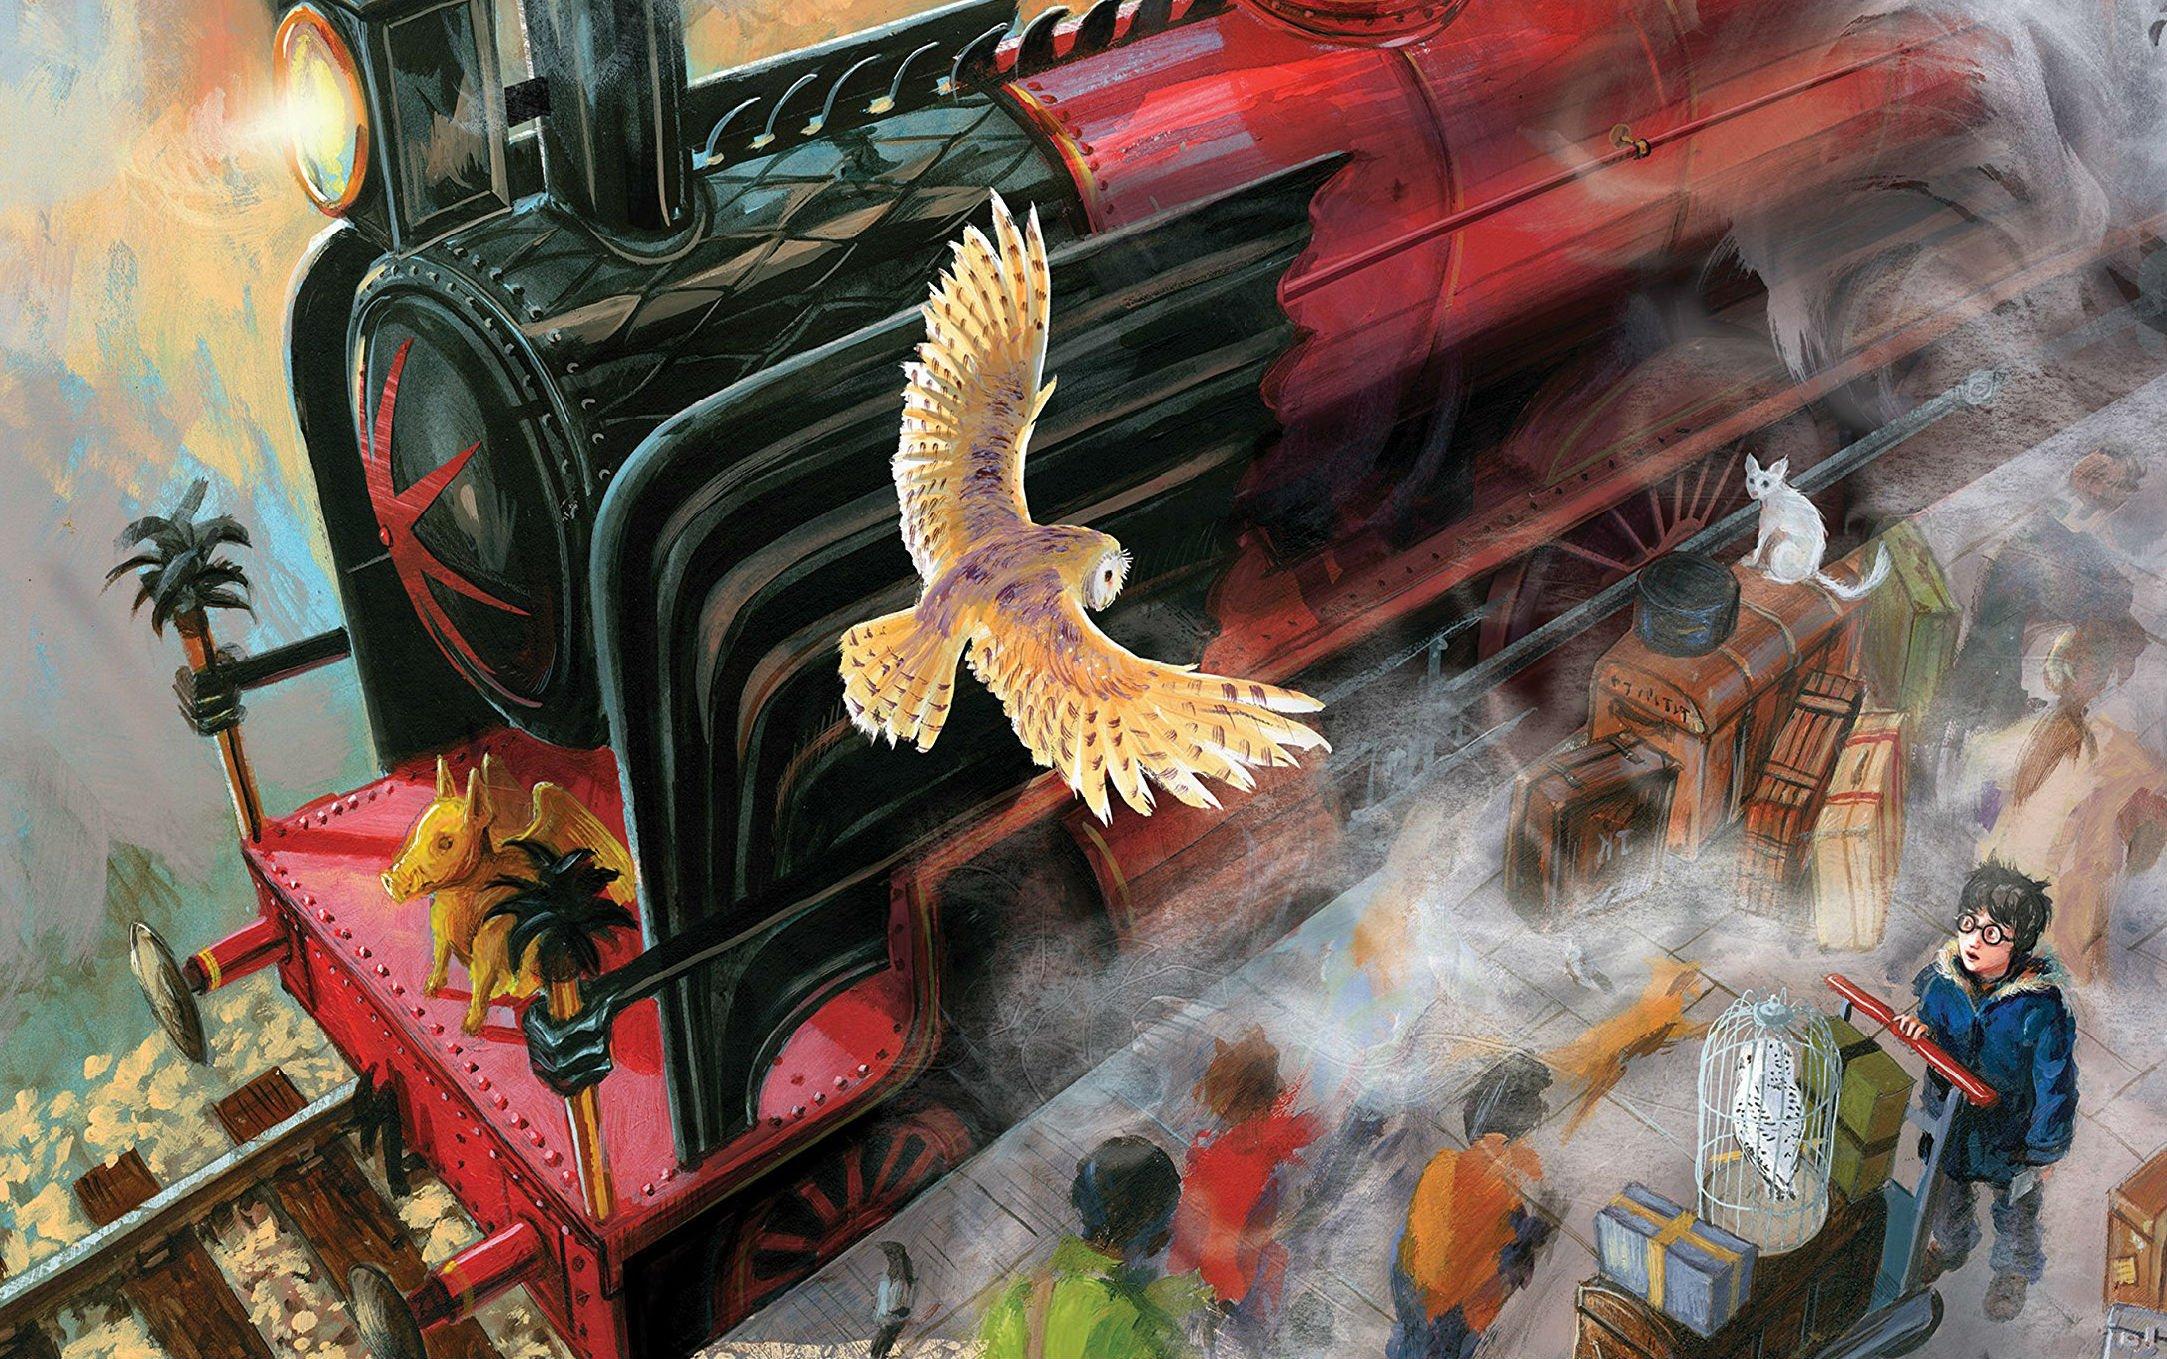 Great Wallpaper Harry Potter Watercolor - a54d8b5018a23dc27a68bb84af648d32  Image_95839.jpg